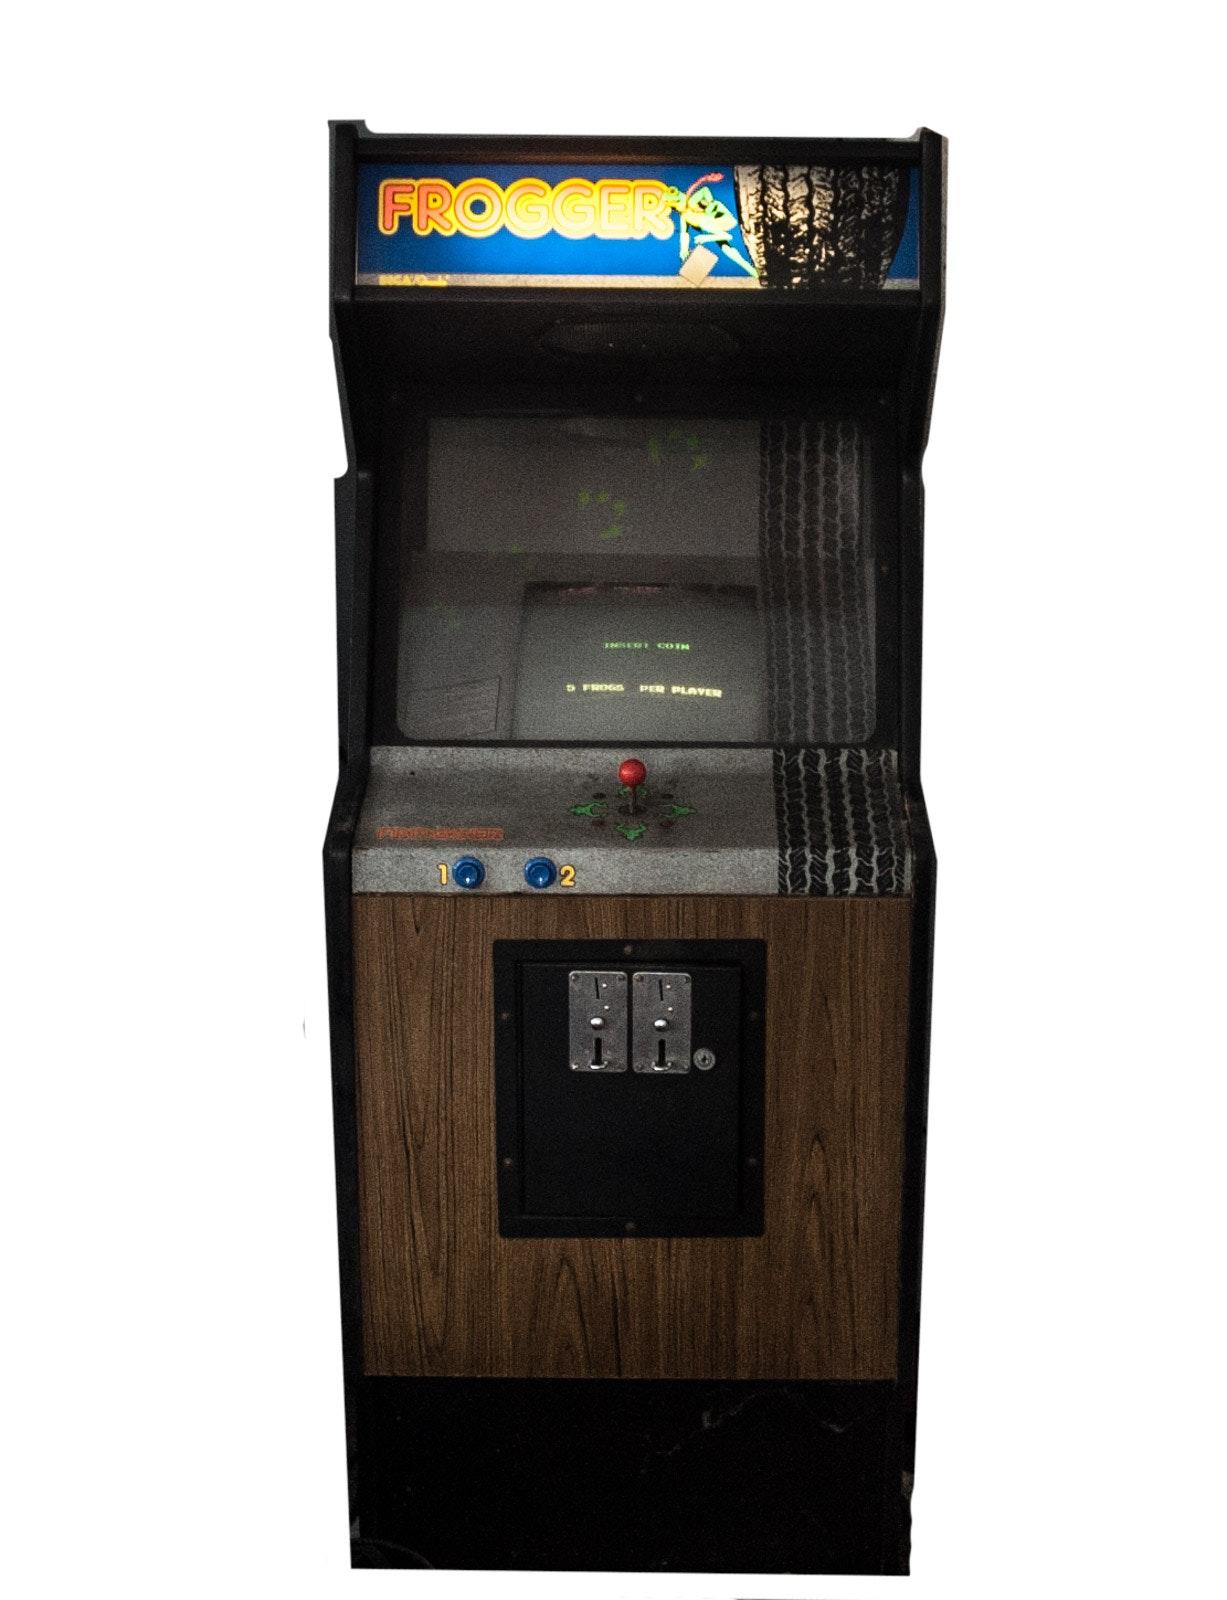 Sega-Gremlin Frogger Arcade Cabinet